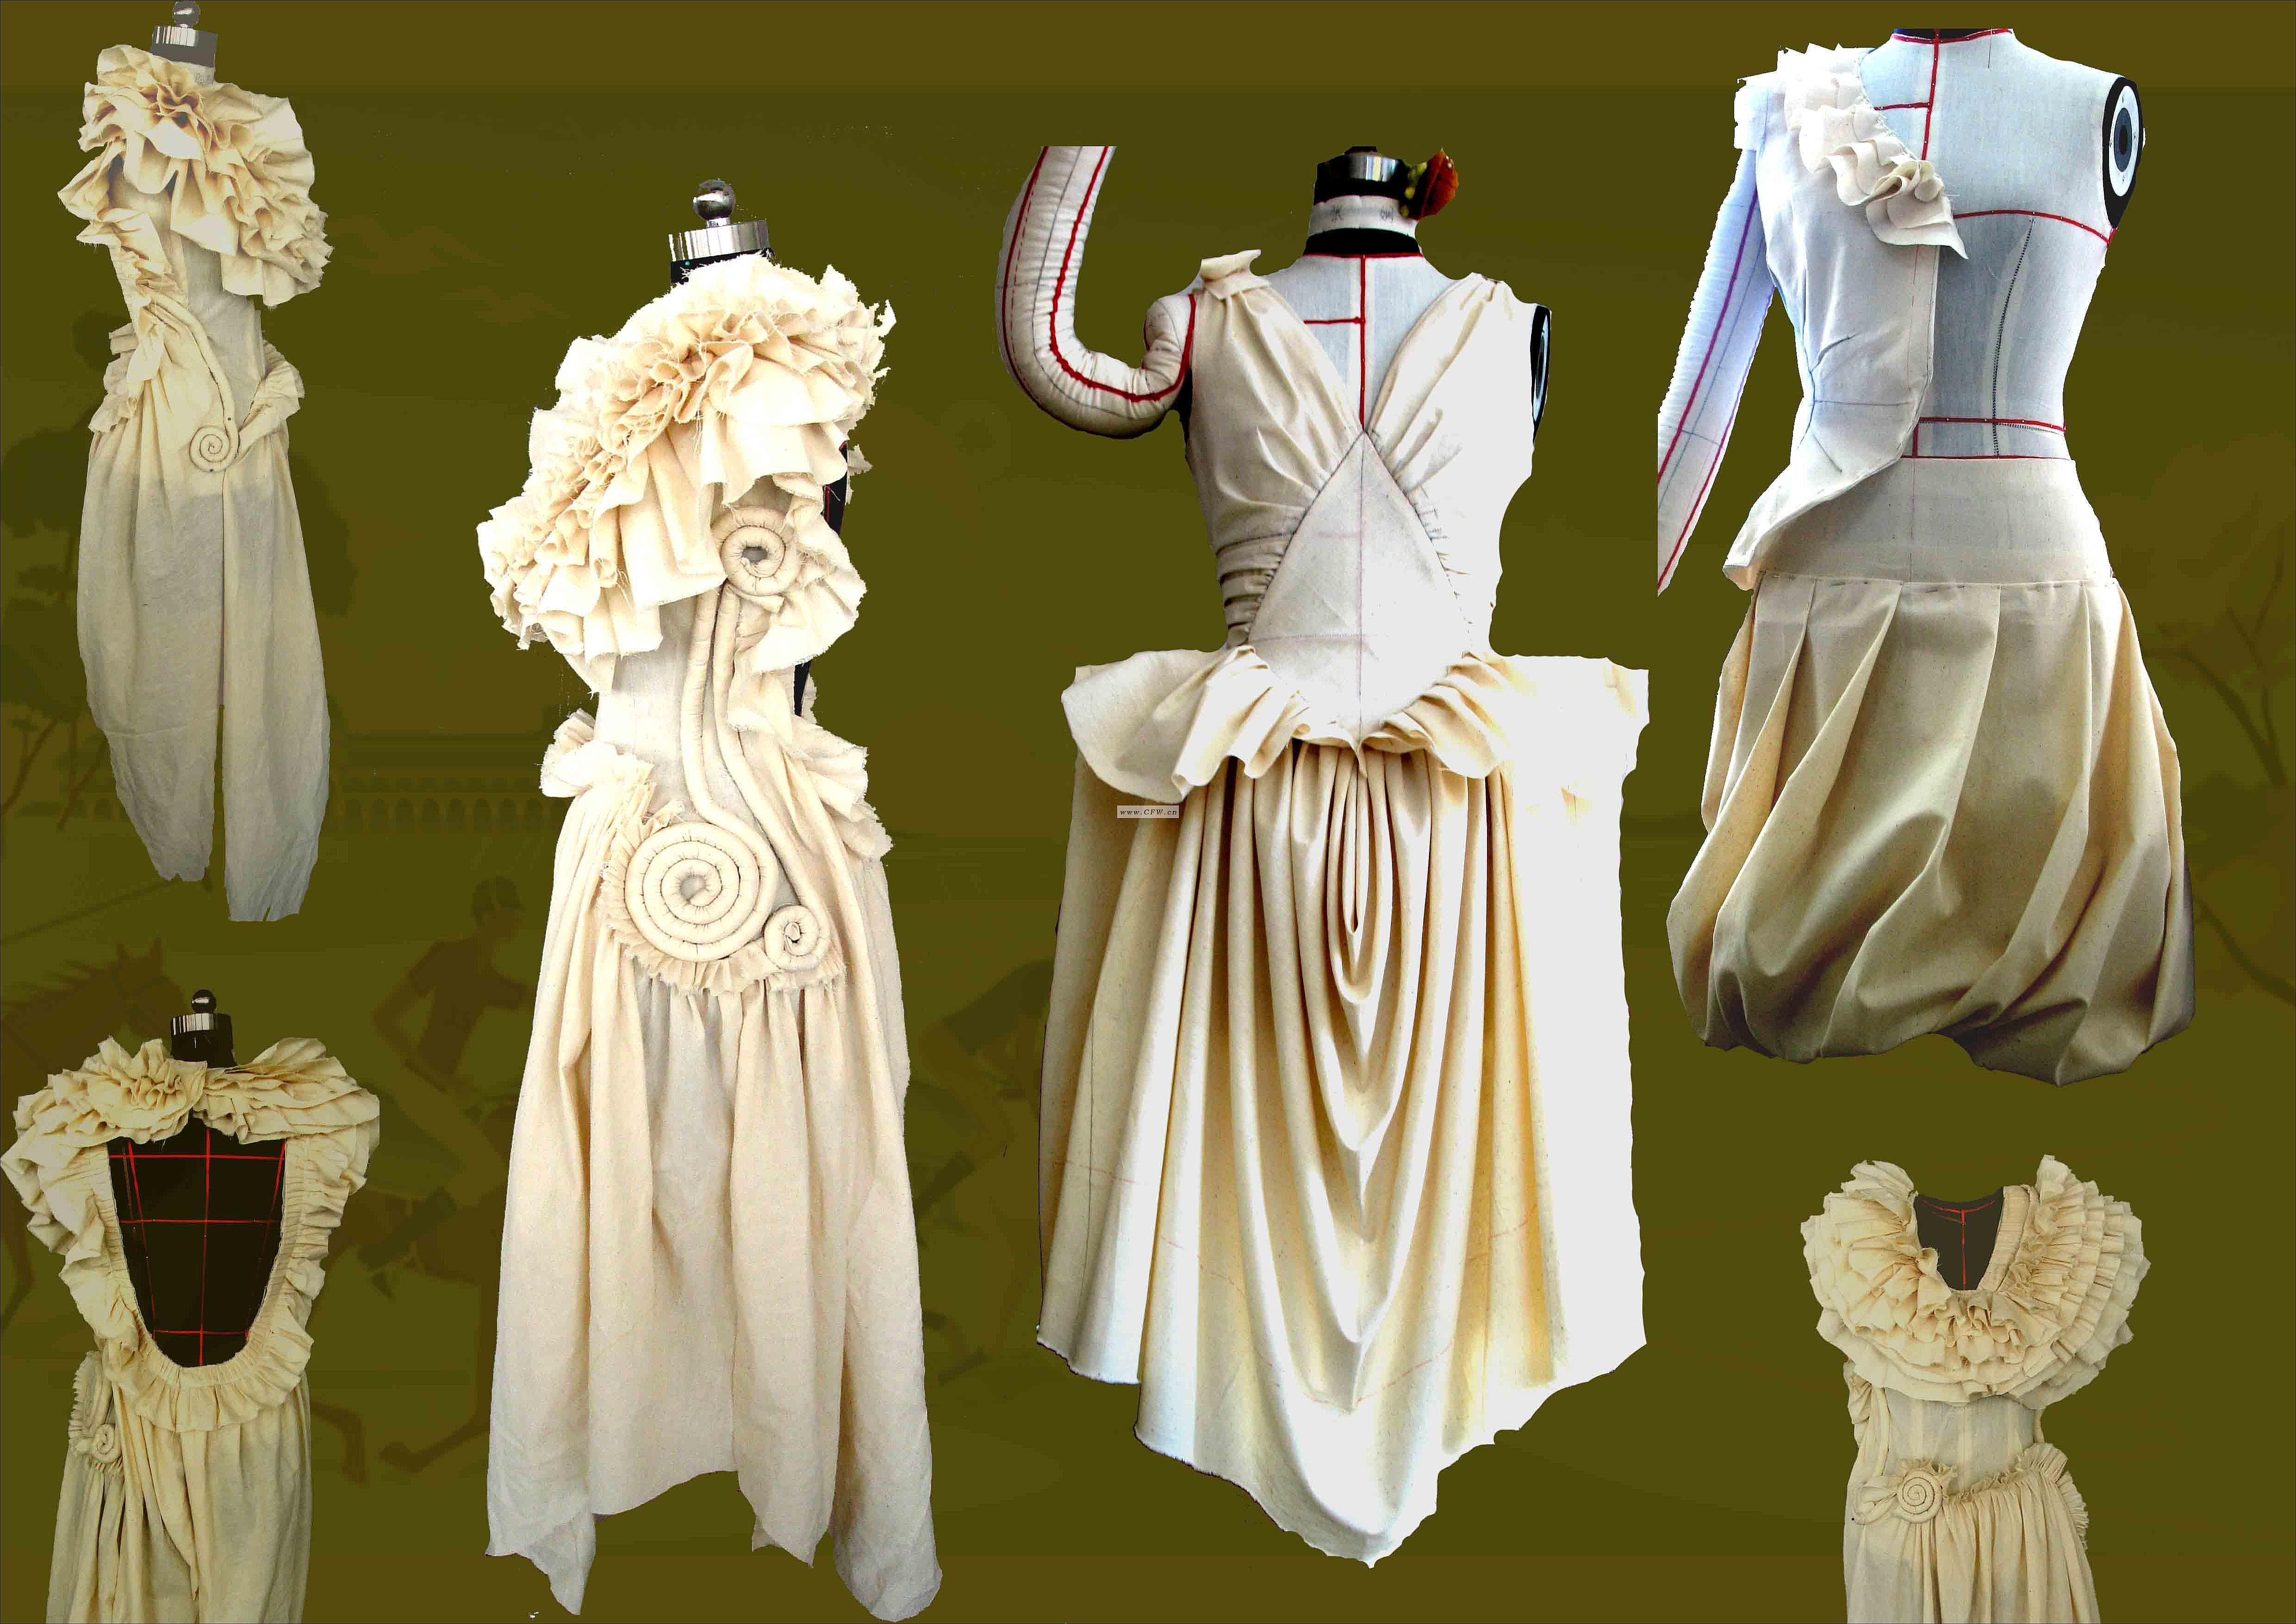 立裁-大赛作品设计-服装设计-服装设计网手机版|触屏版